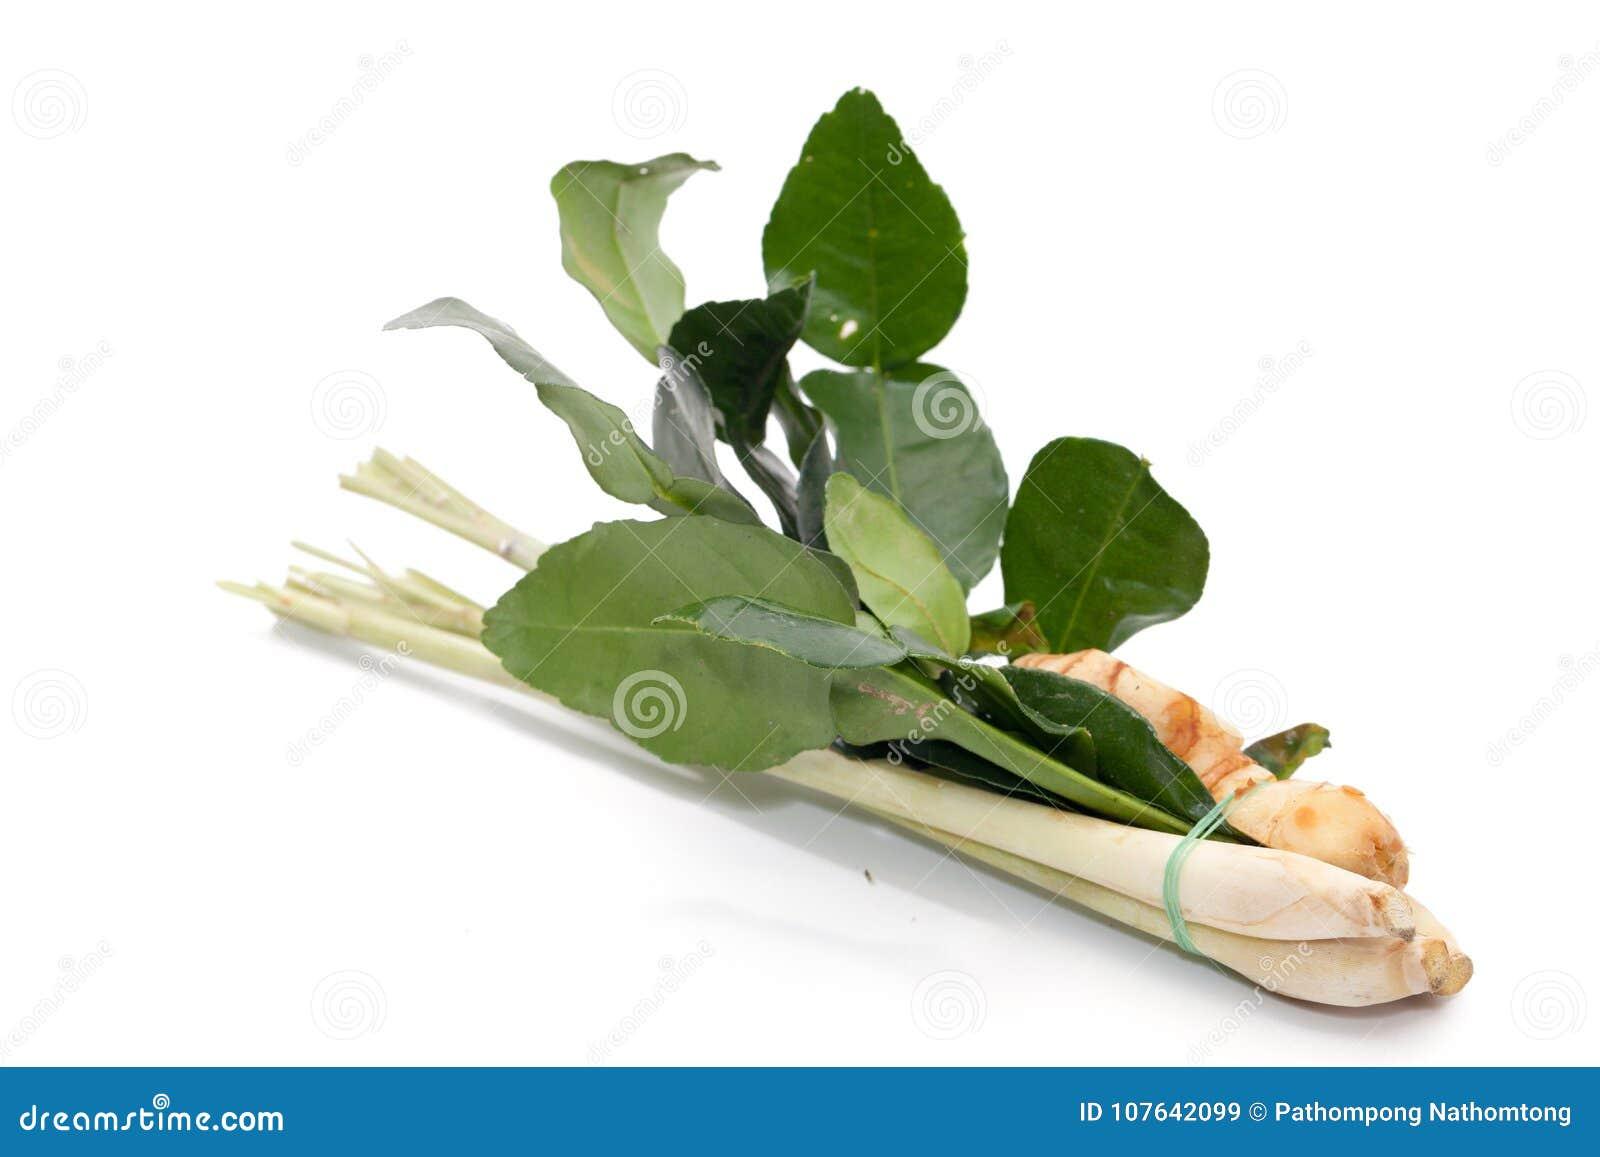 Ingredient for Tom yum ginger,Galangal,lemon grass,KAF